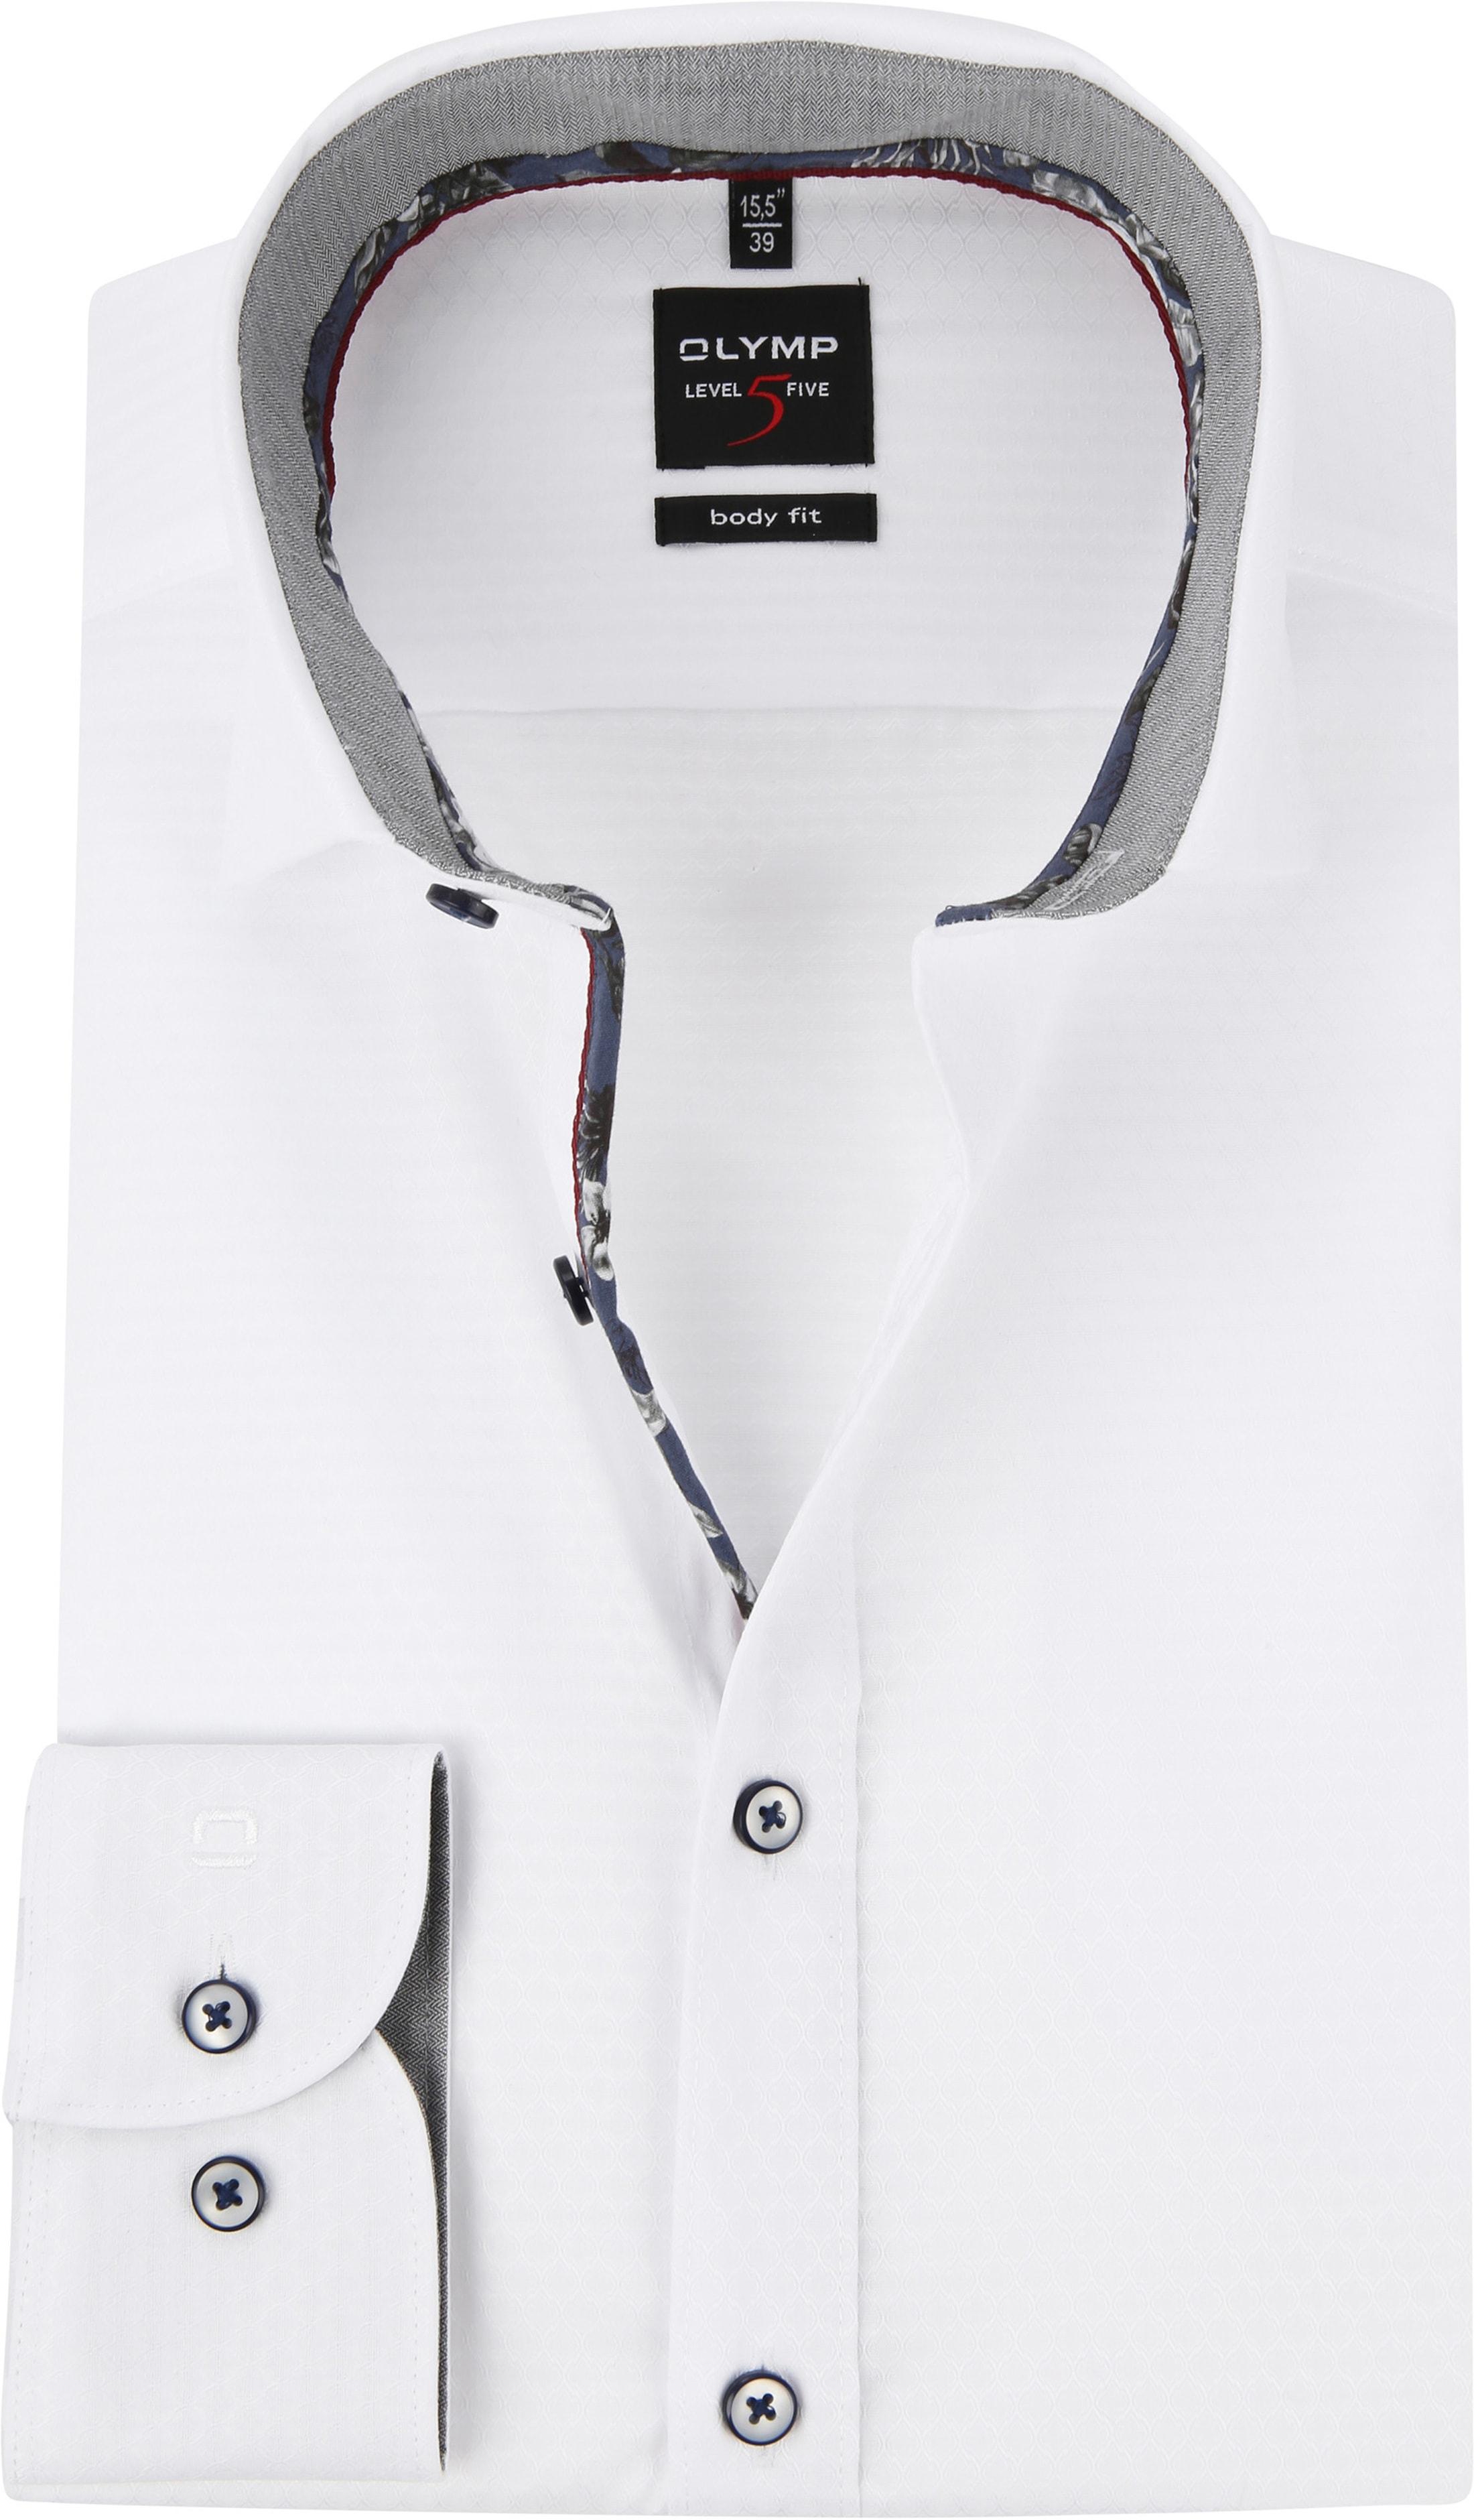 OLYMP Level 5 Overhemd Wit Dessin foto 0